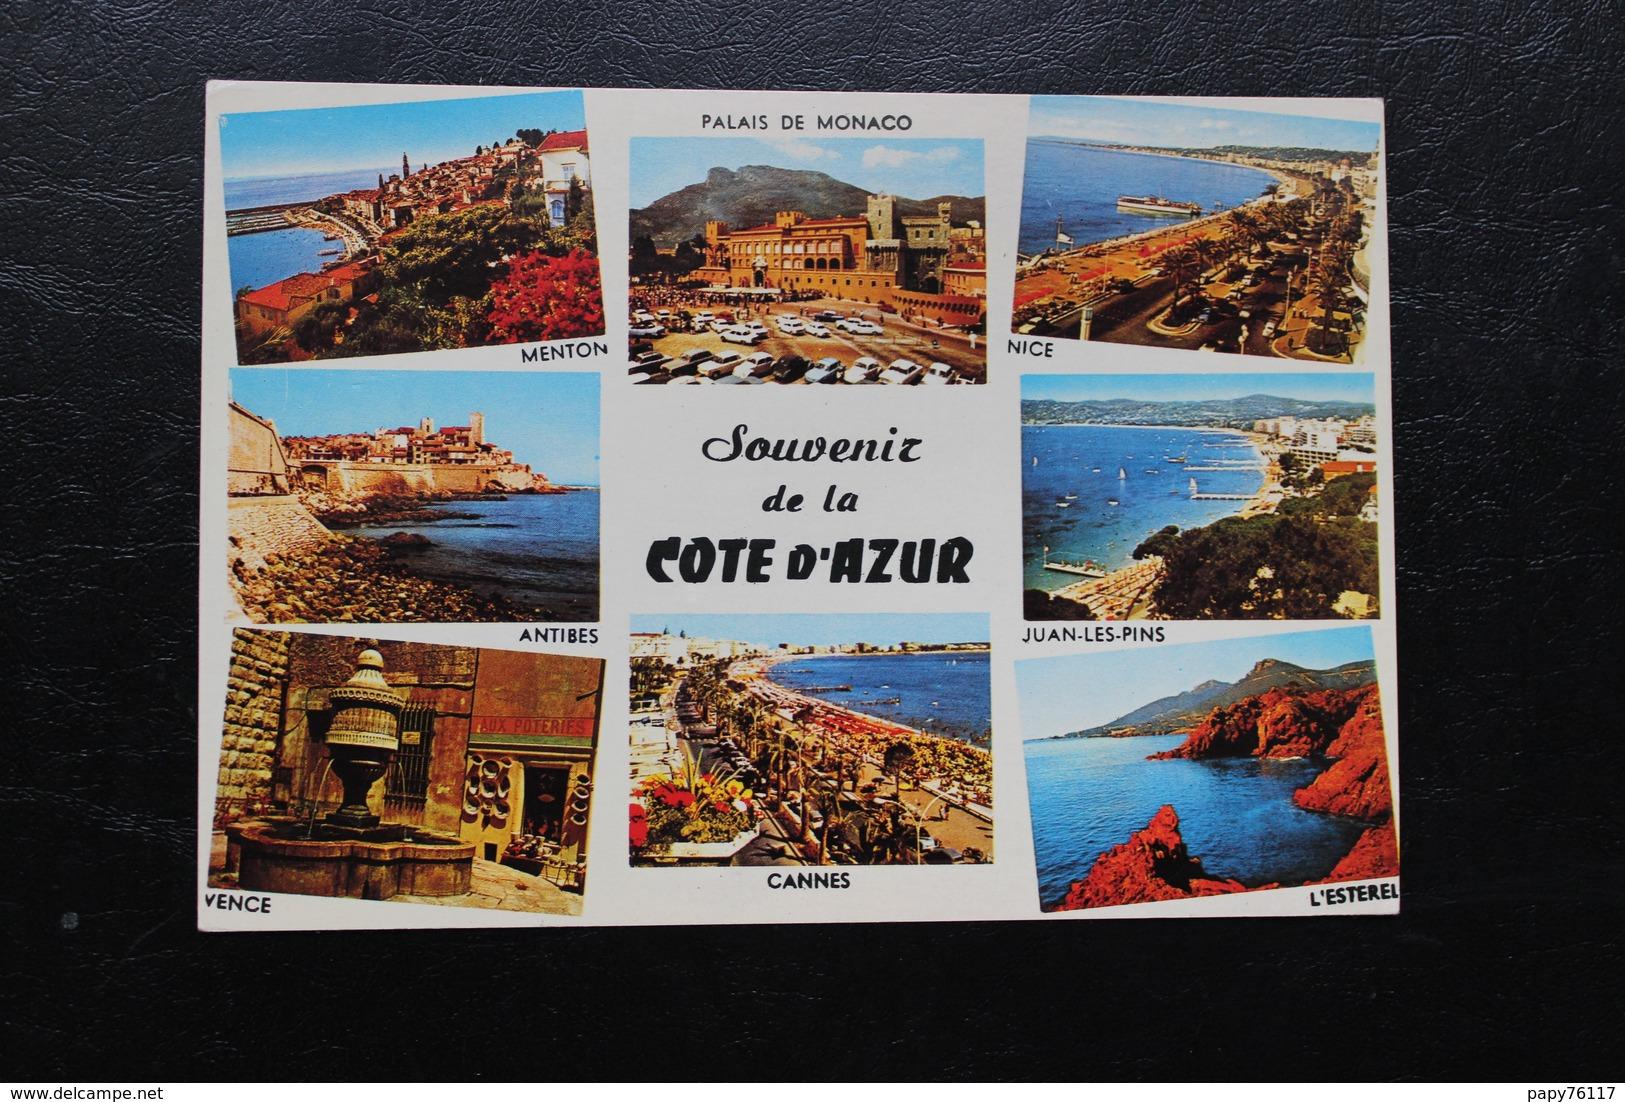 CPM  83 SOUVENIR COTE AZUR  MENTON PALAIS MONACO NICE ANTIBES JUAN LES PINS VENCE CANNES  L ESTEREL - France